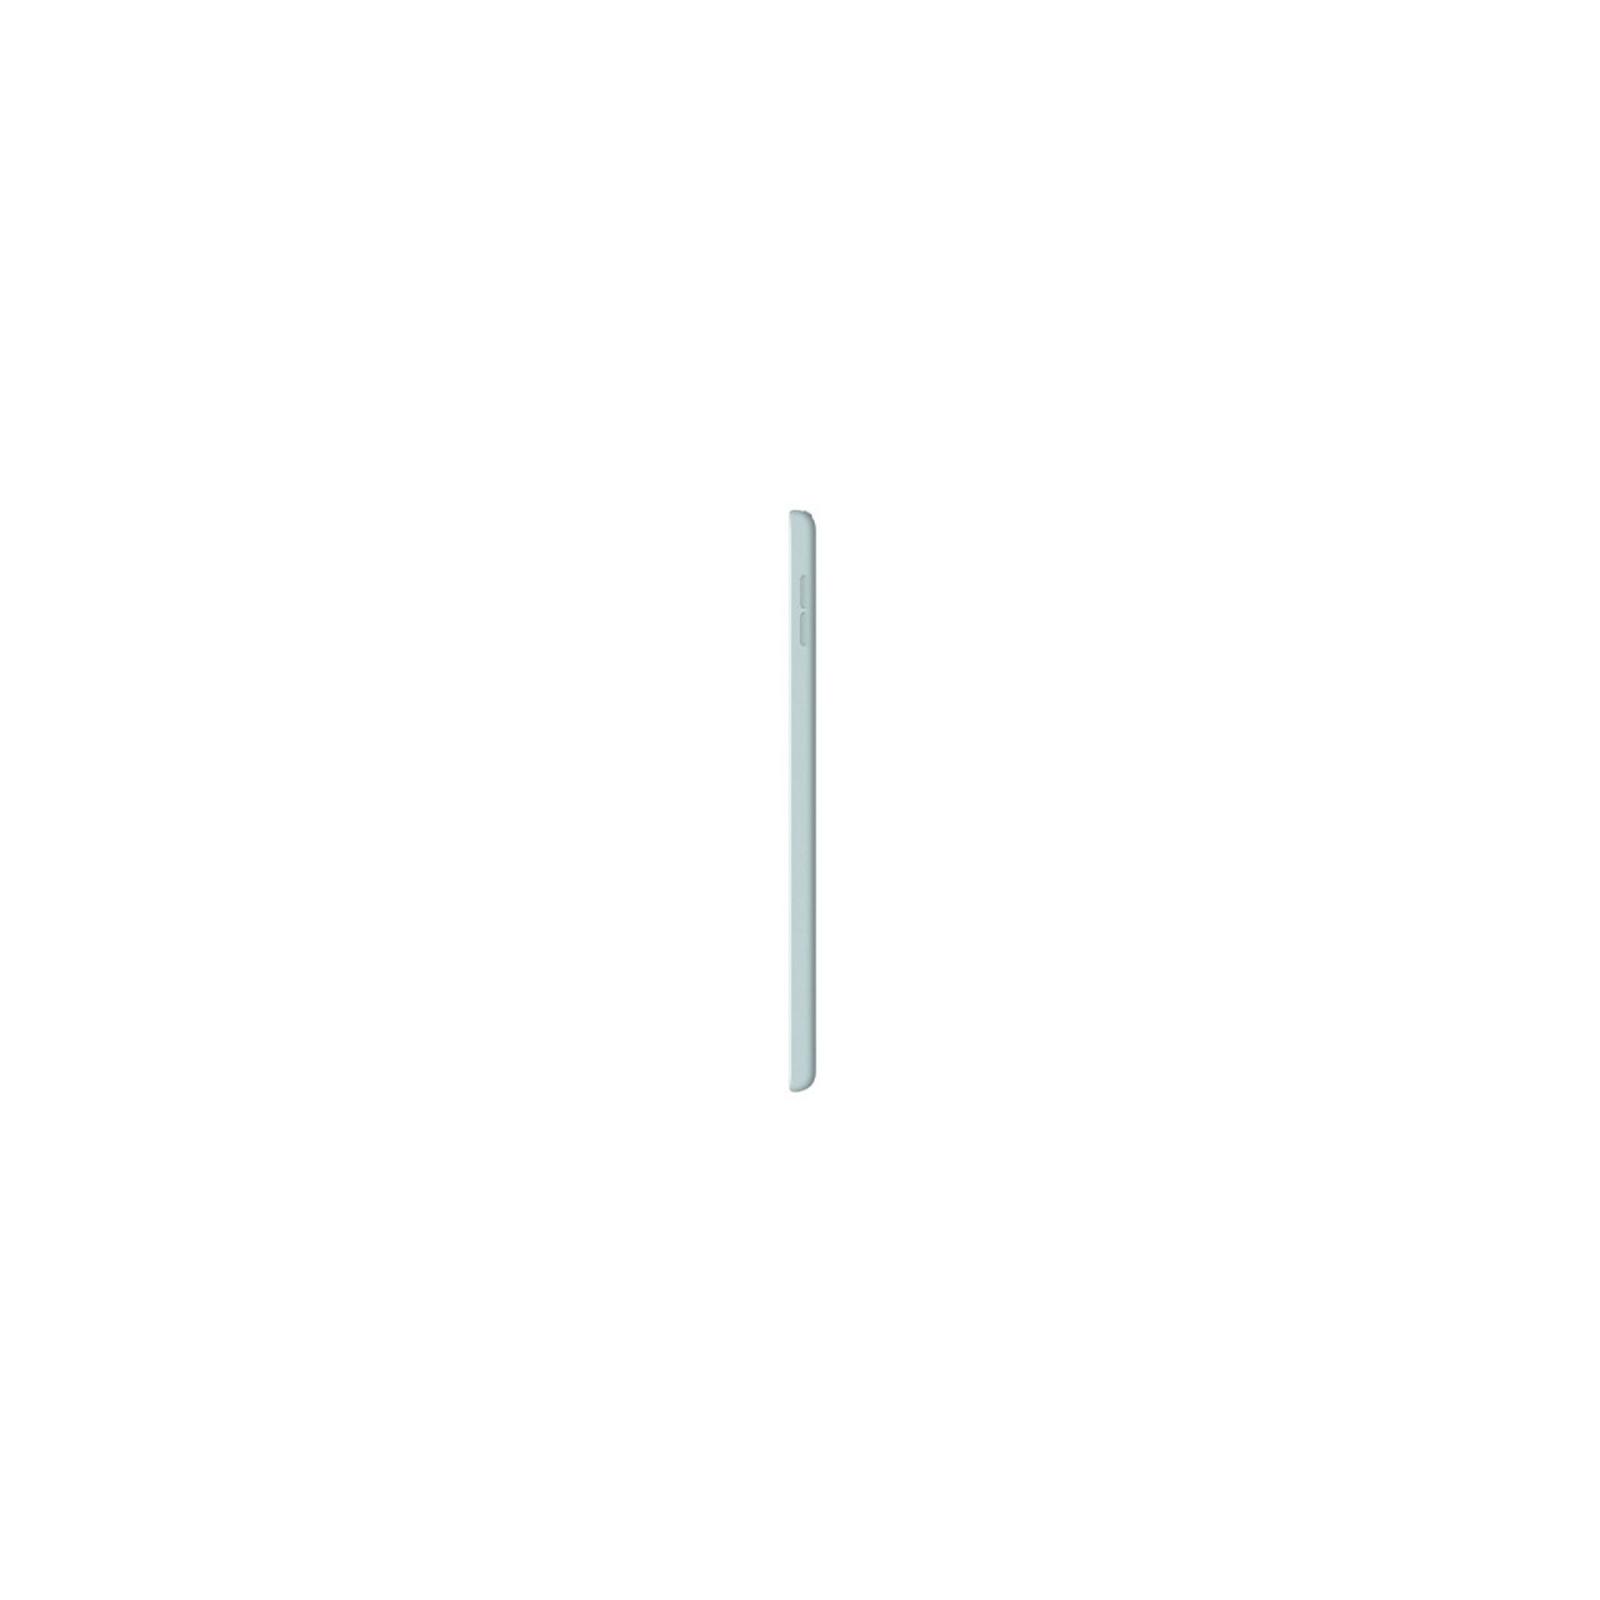 Чехол для планшета Apple iPad mini 4 Turquoise (MLD72ZM/A) изображение 5